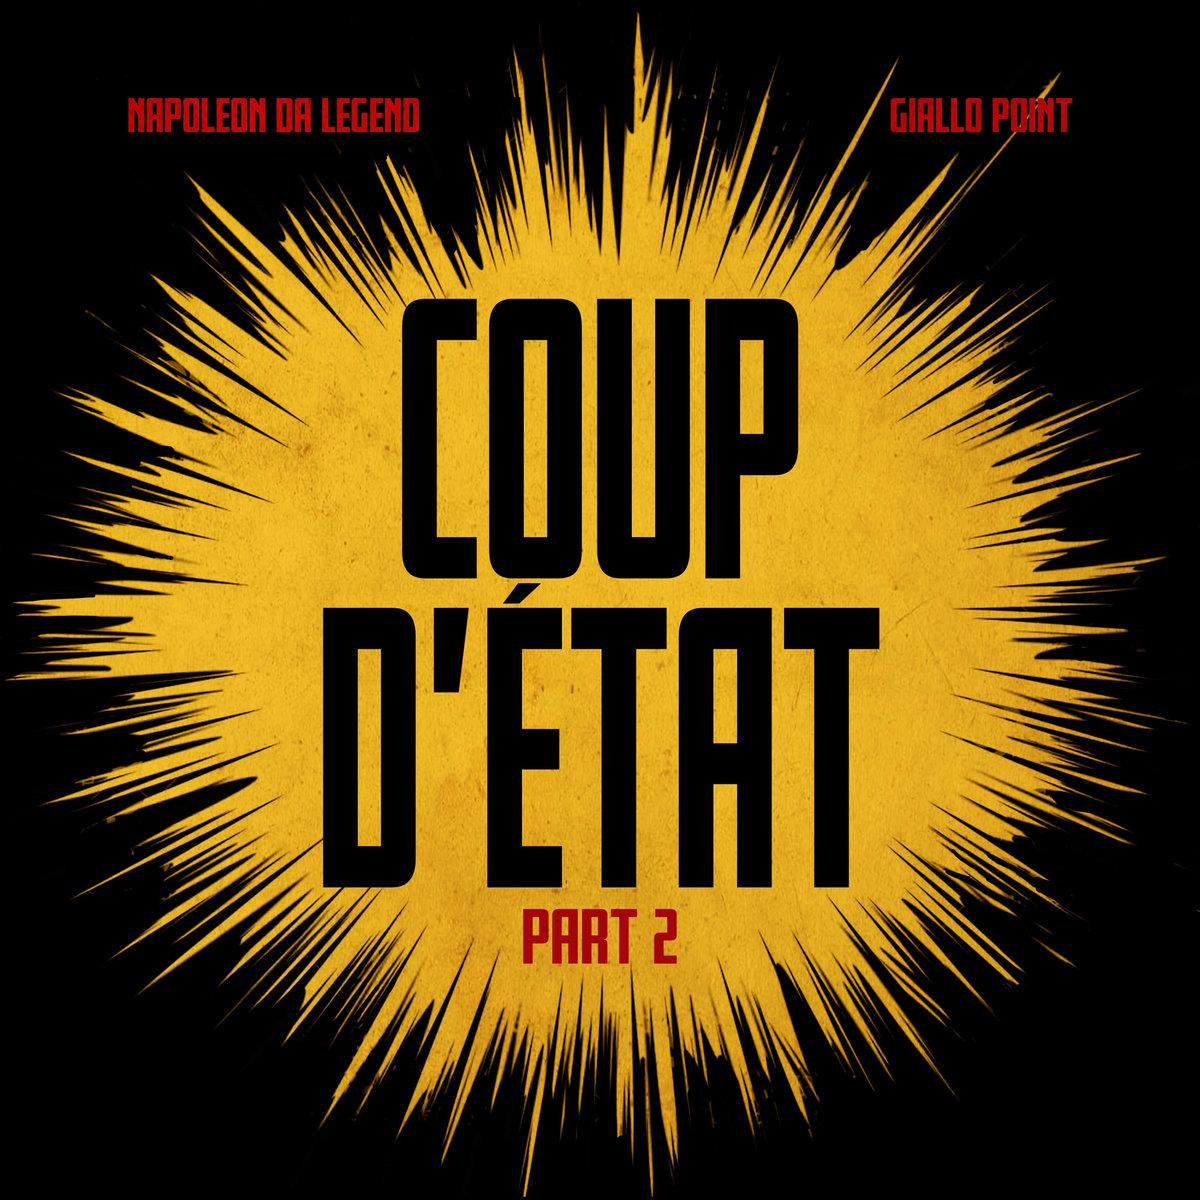 Coup d'Etat 2   Napoleon Da Legend